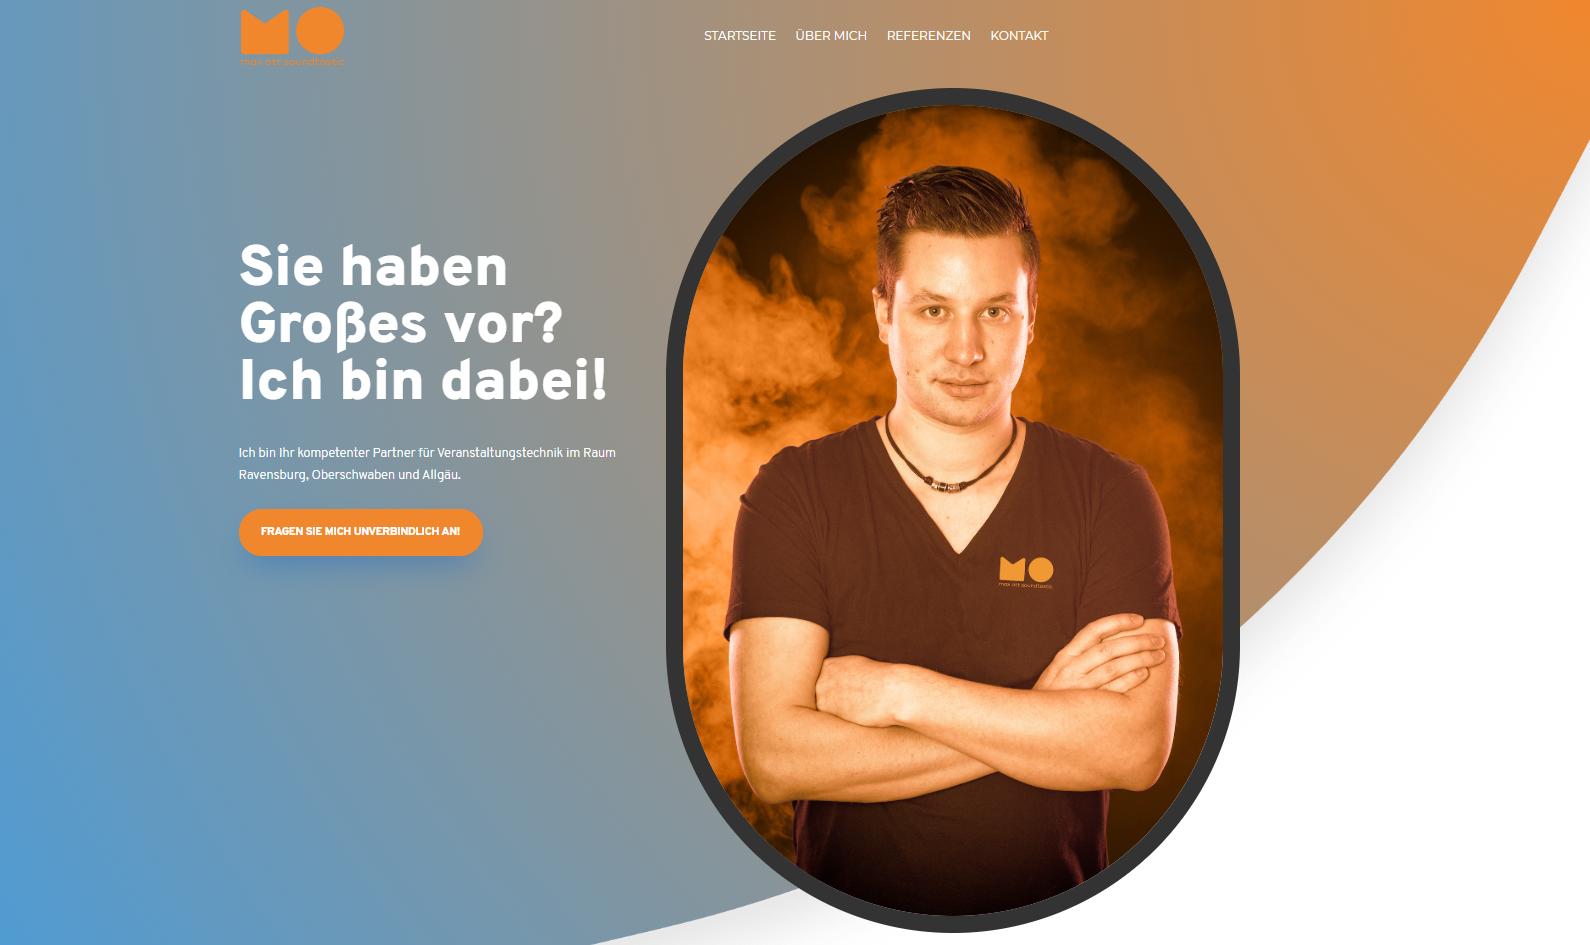 Veranstaltungstechnik Homepage-Relaunch | Max Ott